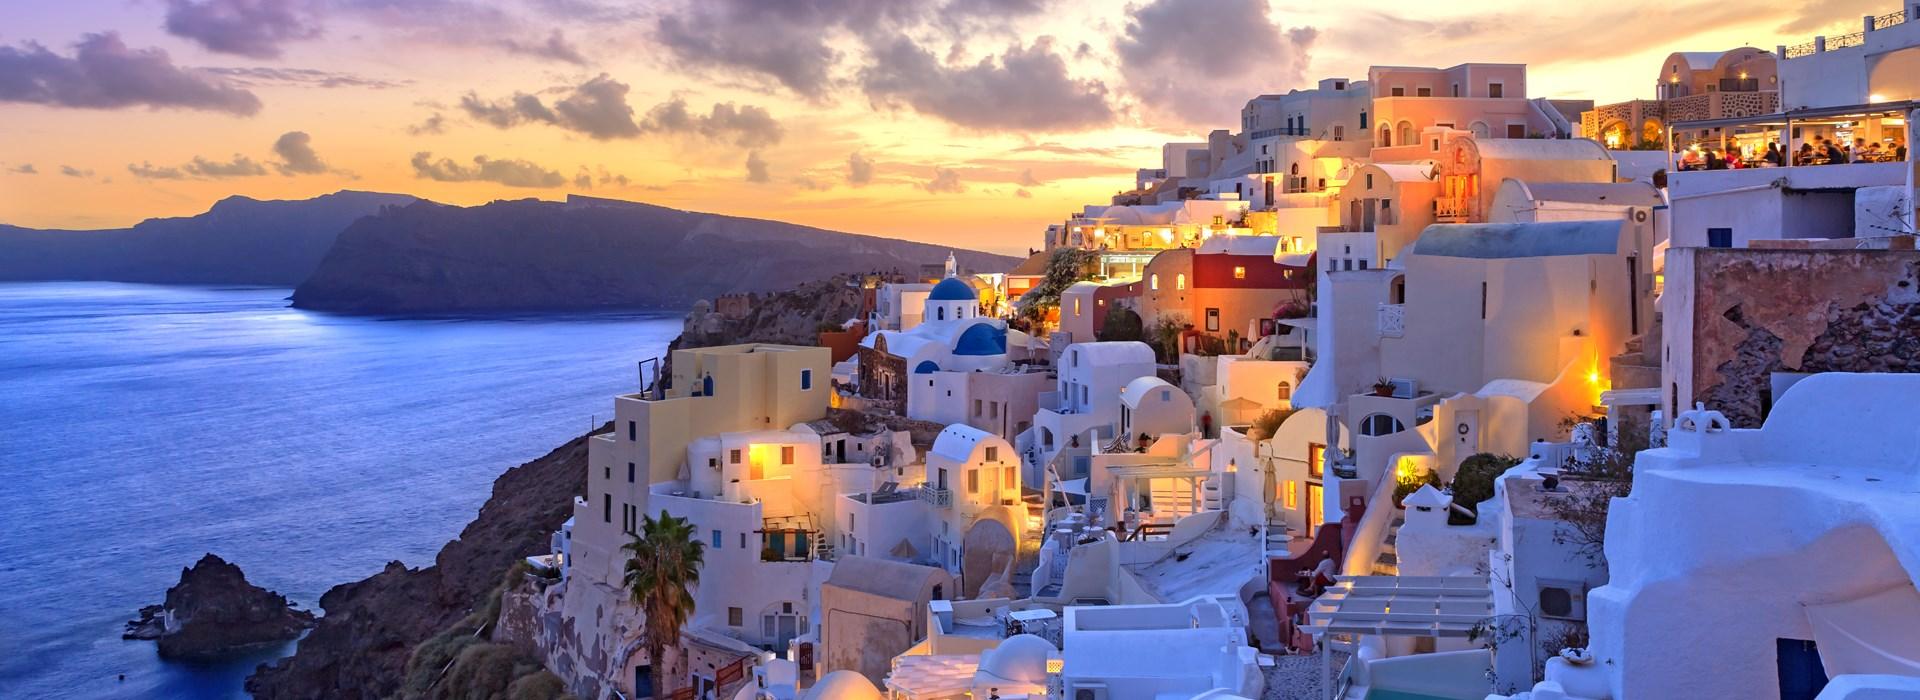 Espagne : Un excellent séjour ?